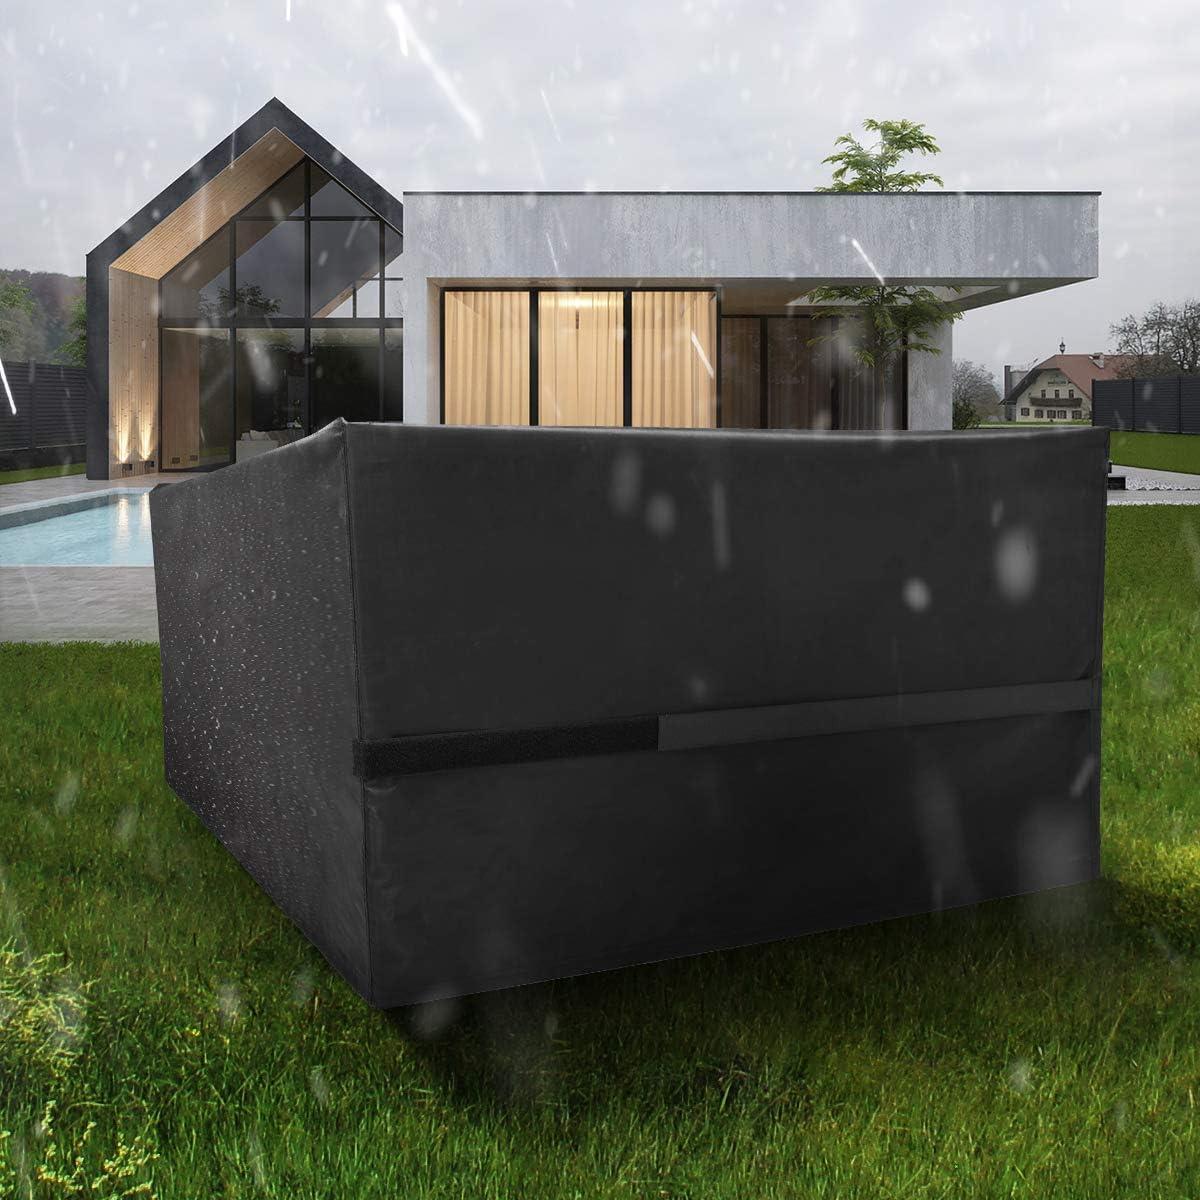 242x162x100 cm FlyLemon Copertura Tavolo Giardino,Protezioni del Patio Anti-UV Impermeabili in Tessuto 420D Oxford con Dieci Dimensioni.